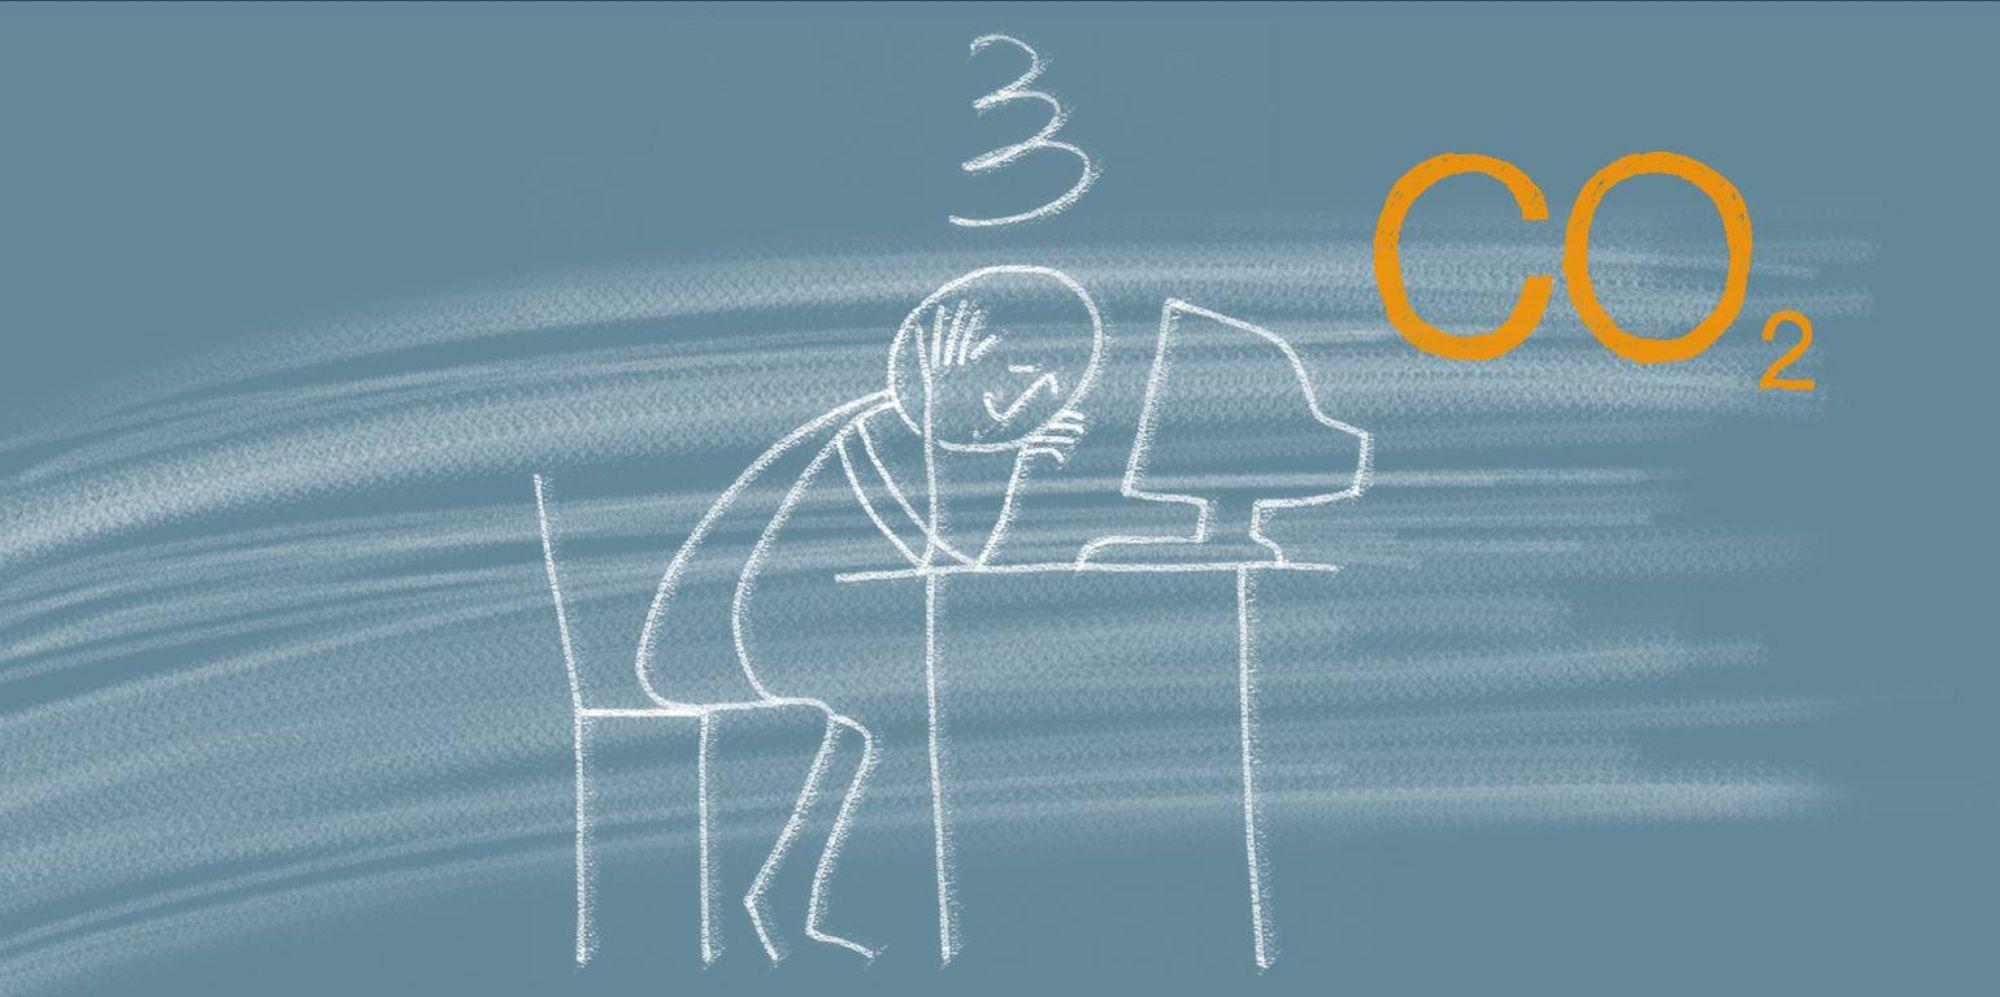 teaser-akademie-online-klima-seminar-behaglichkeit.jpg